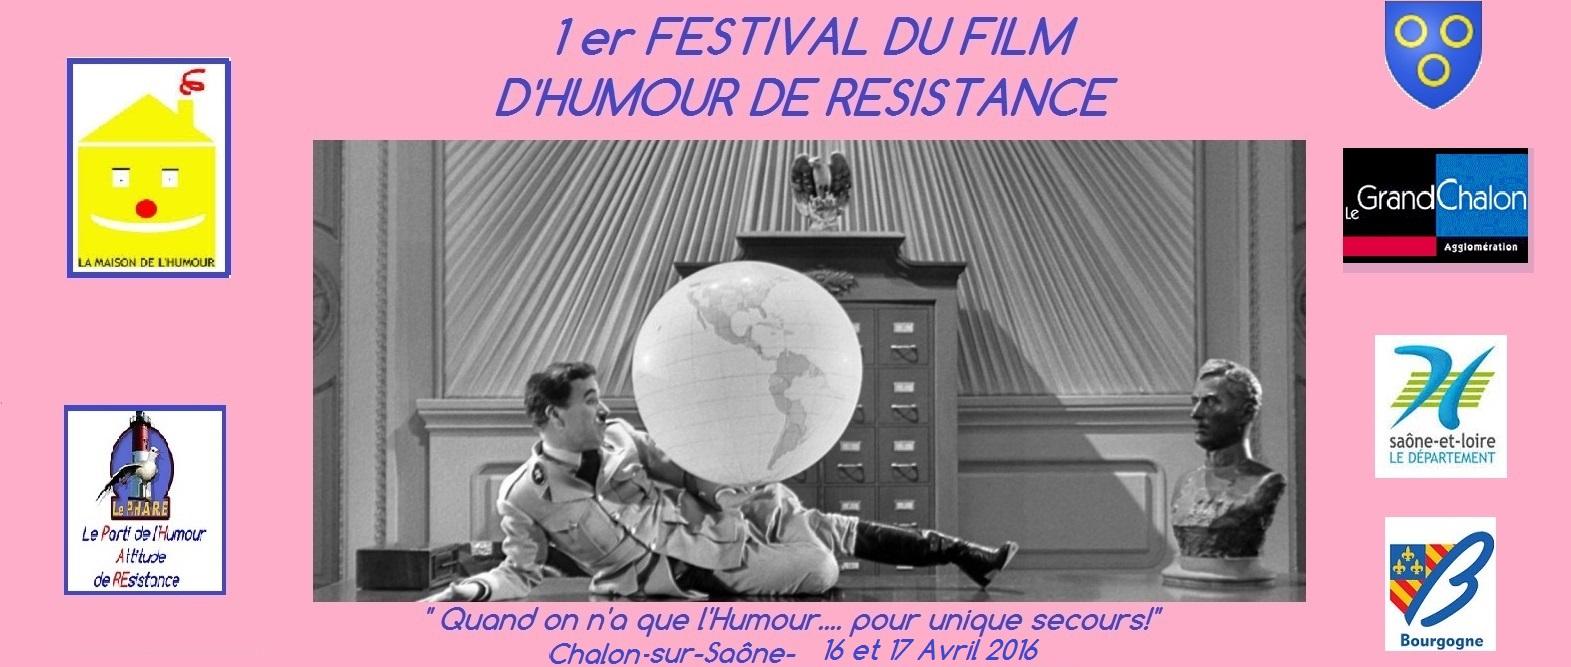 festival du film d 39 humour de r sistance 16 et 17 avril chalon sur sa ne. Black Bedroom Furniture Sets. Home Design Ideas